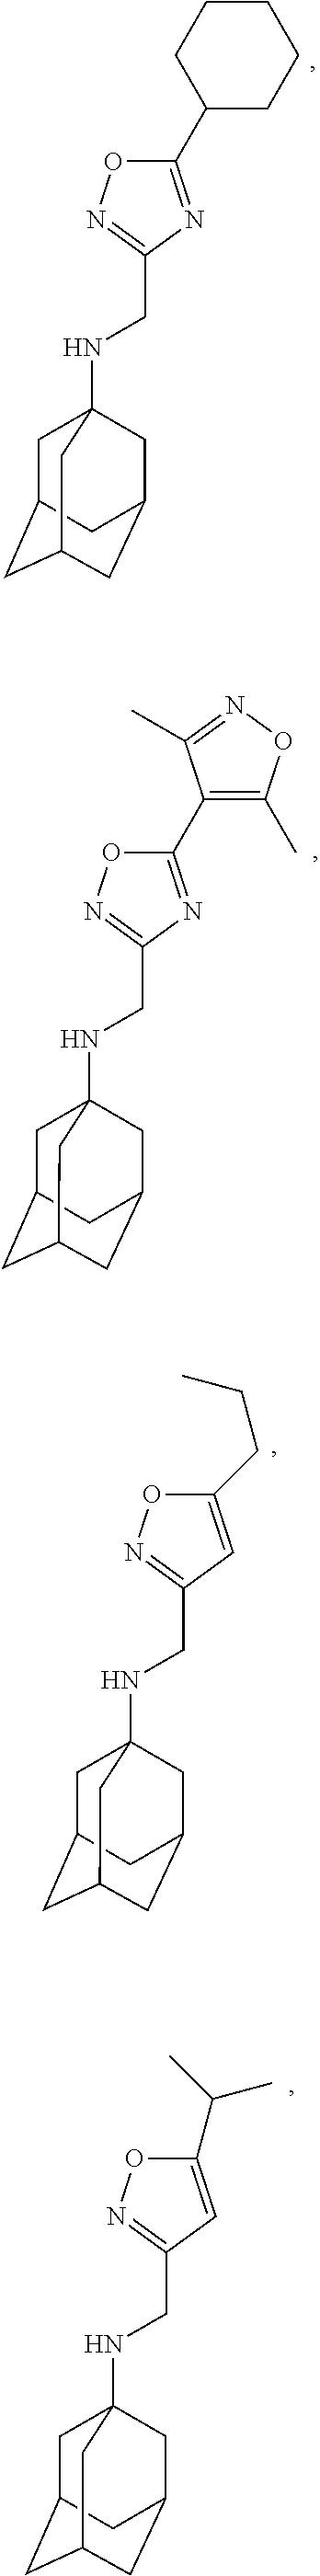 Figure US09884832-20180206-C00080